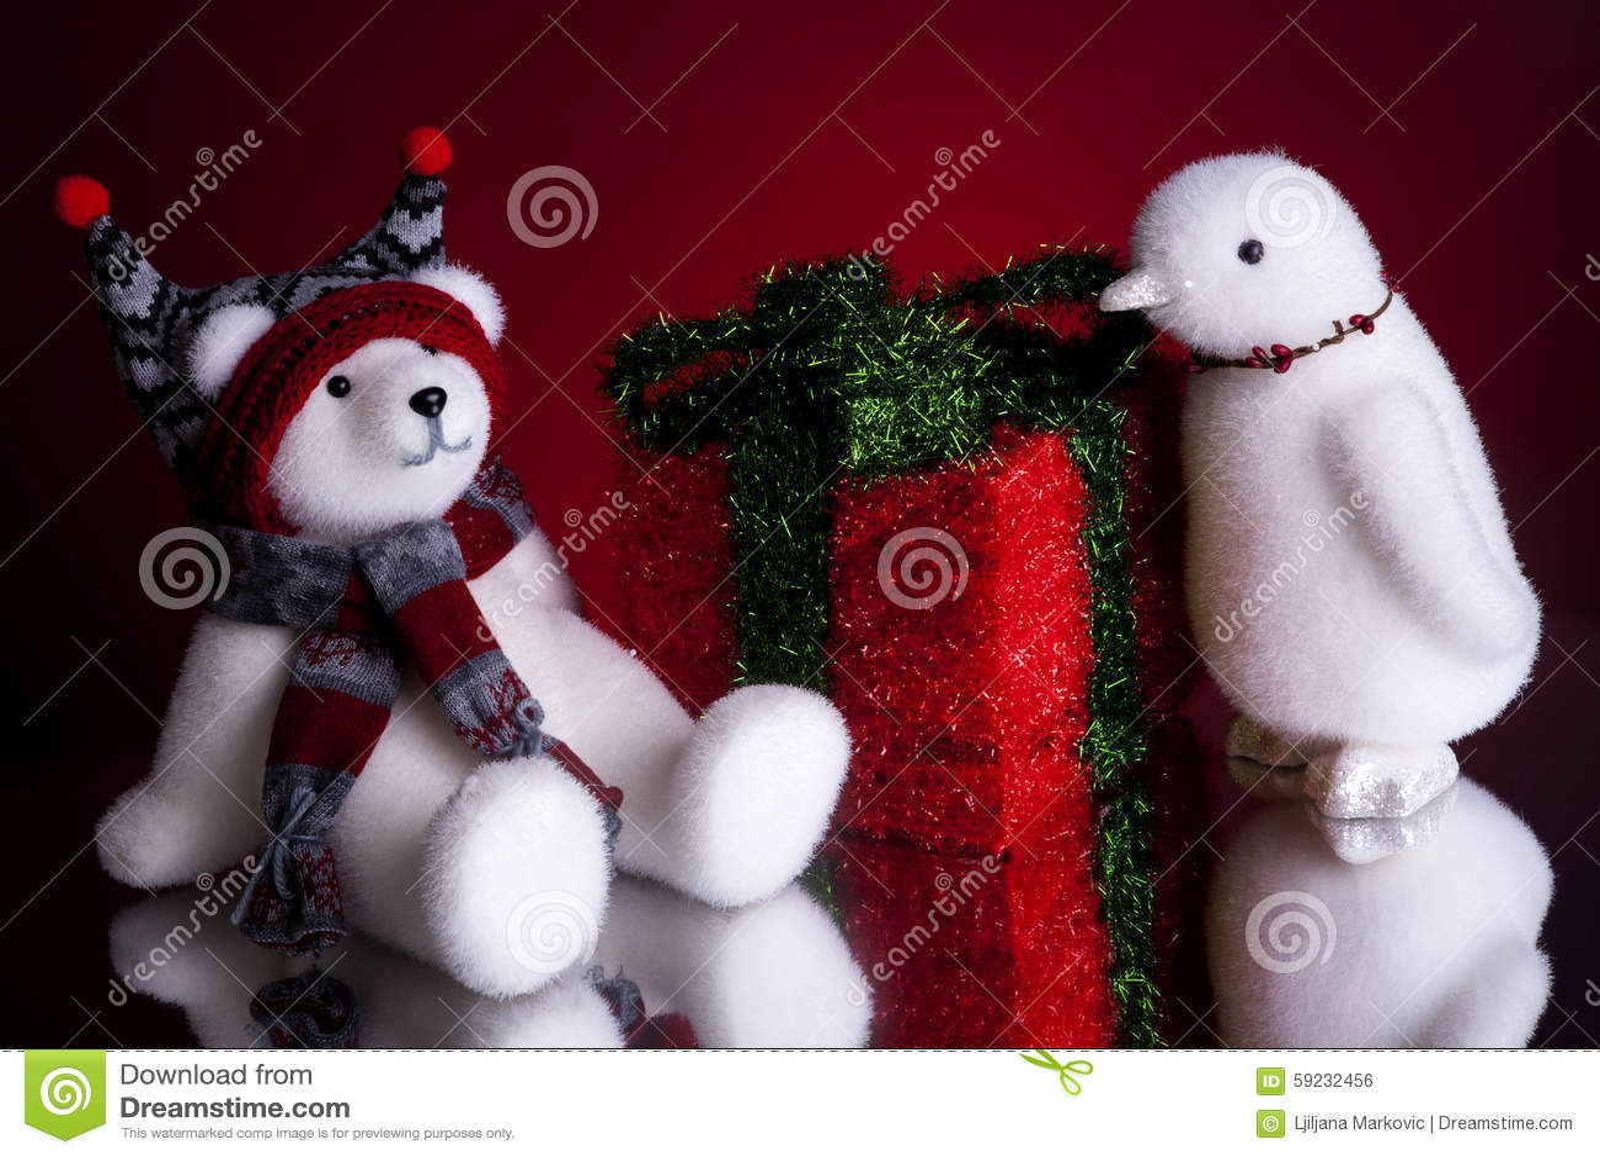 Regalo de Navidad con un oso polar y un pingüino